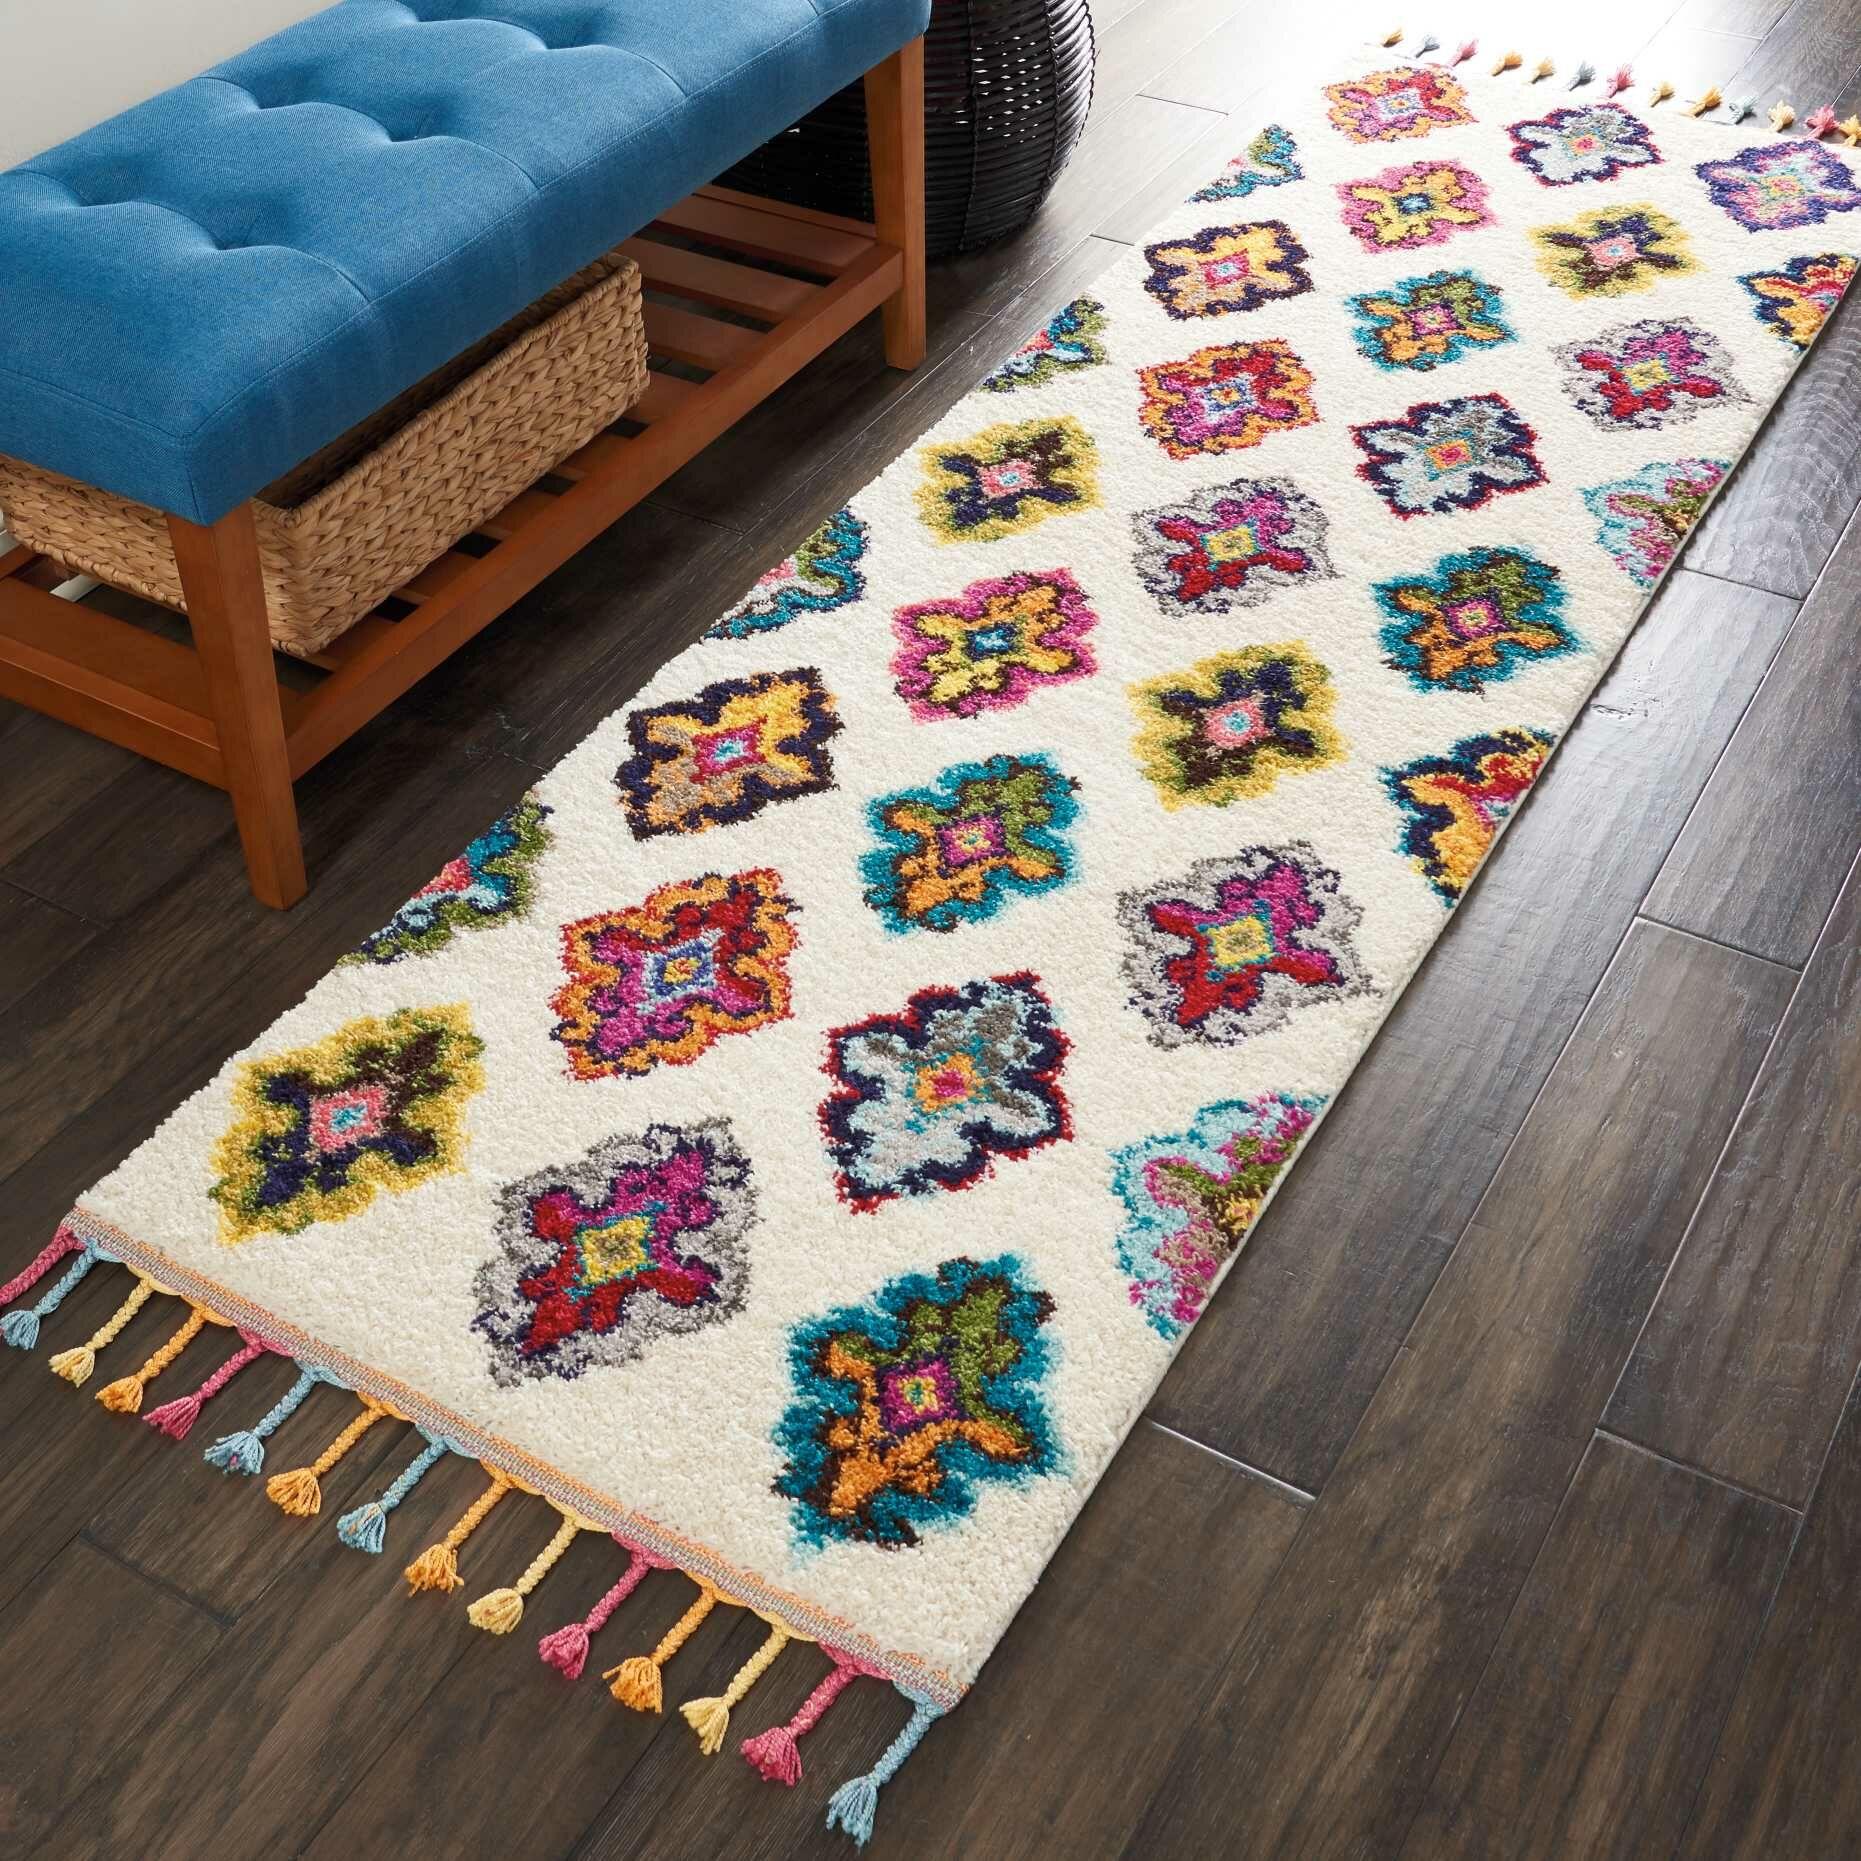 Wayne Moroccan Tribal Ivory/Orange Area Rug Rug Size: Rectangle 7'10